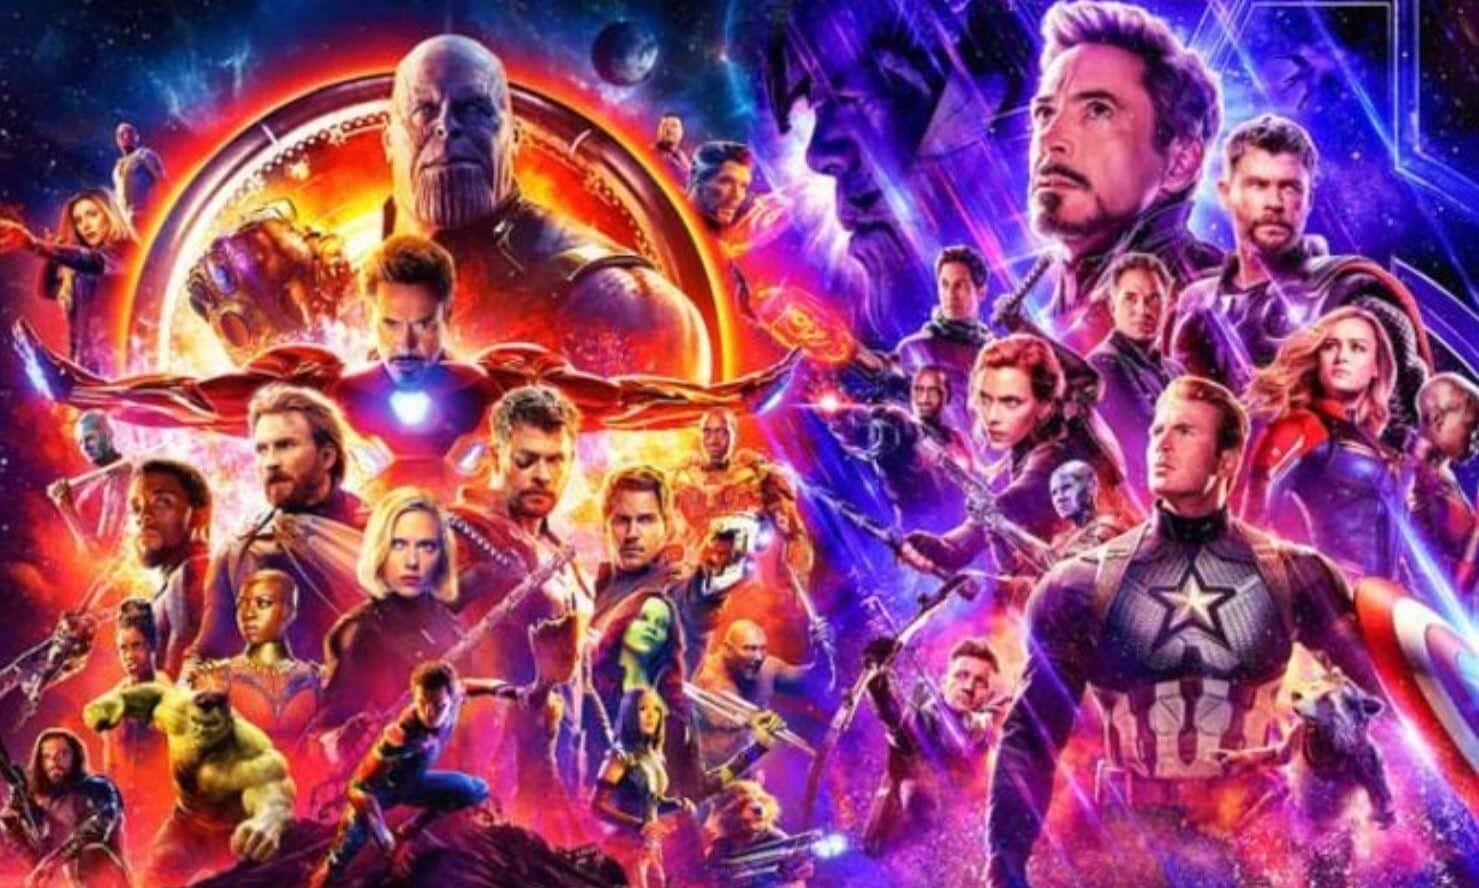 avengers endgame directors reveal